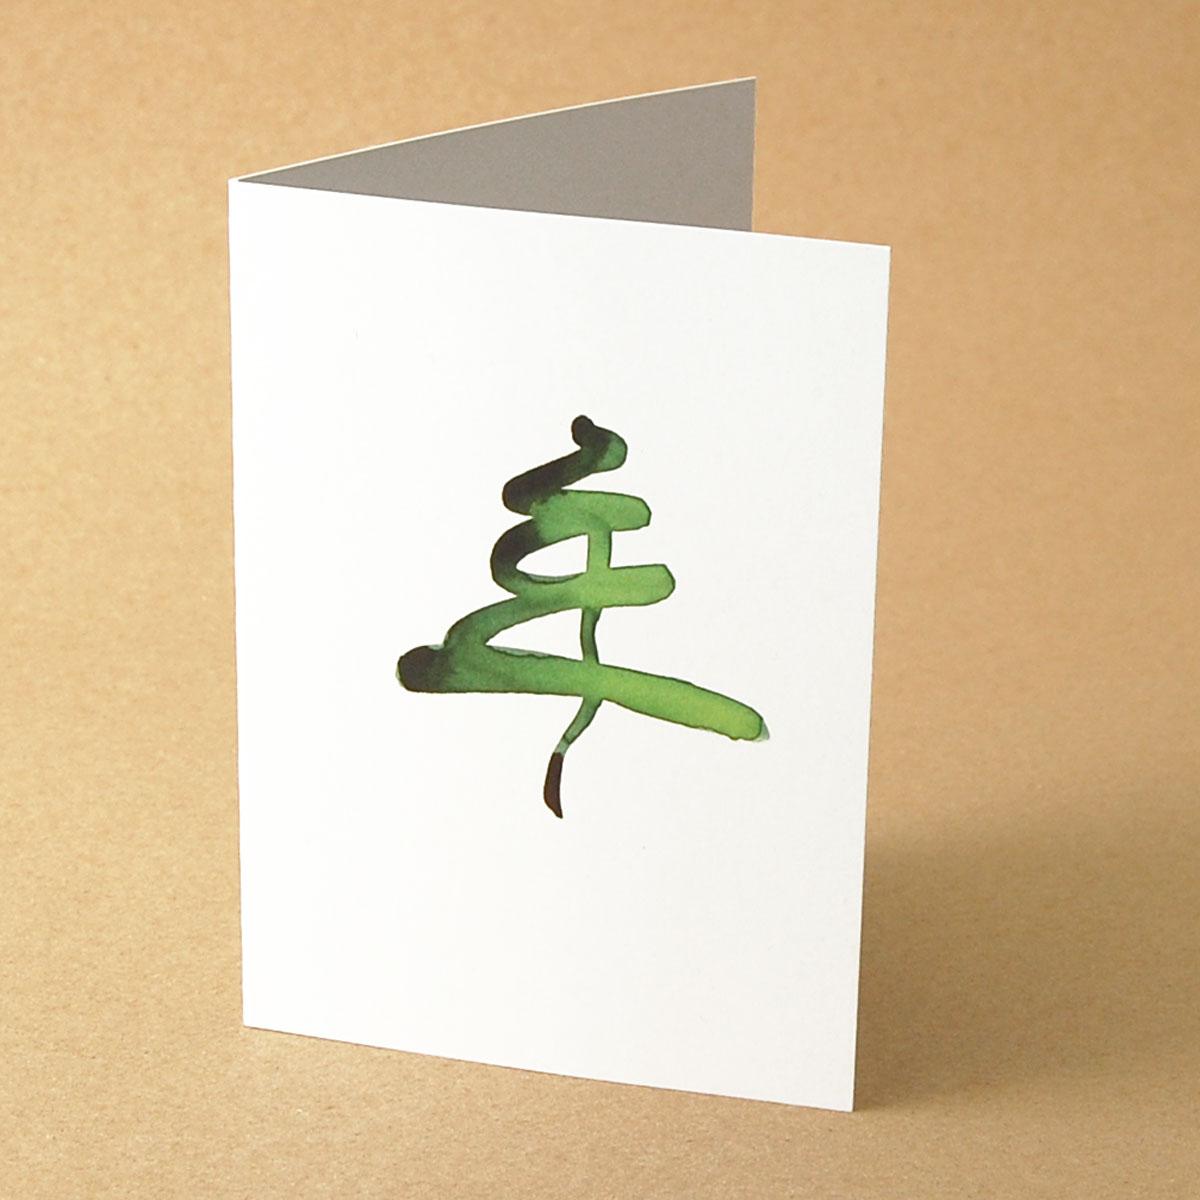 Moderne Weihnachtskarten.Kunstlerische Weihnachtskarten Skizzierter Baum